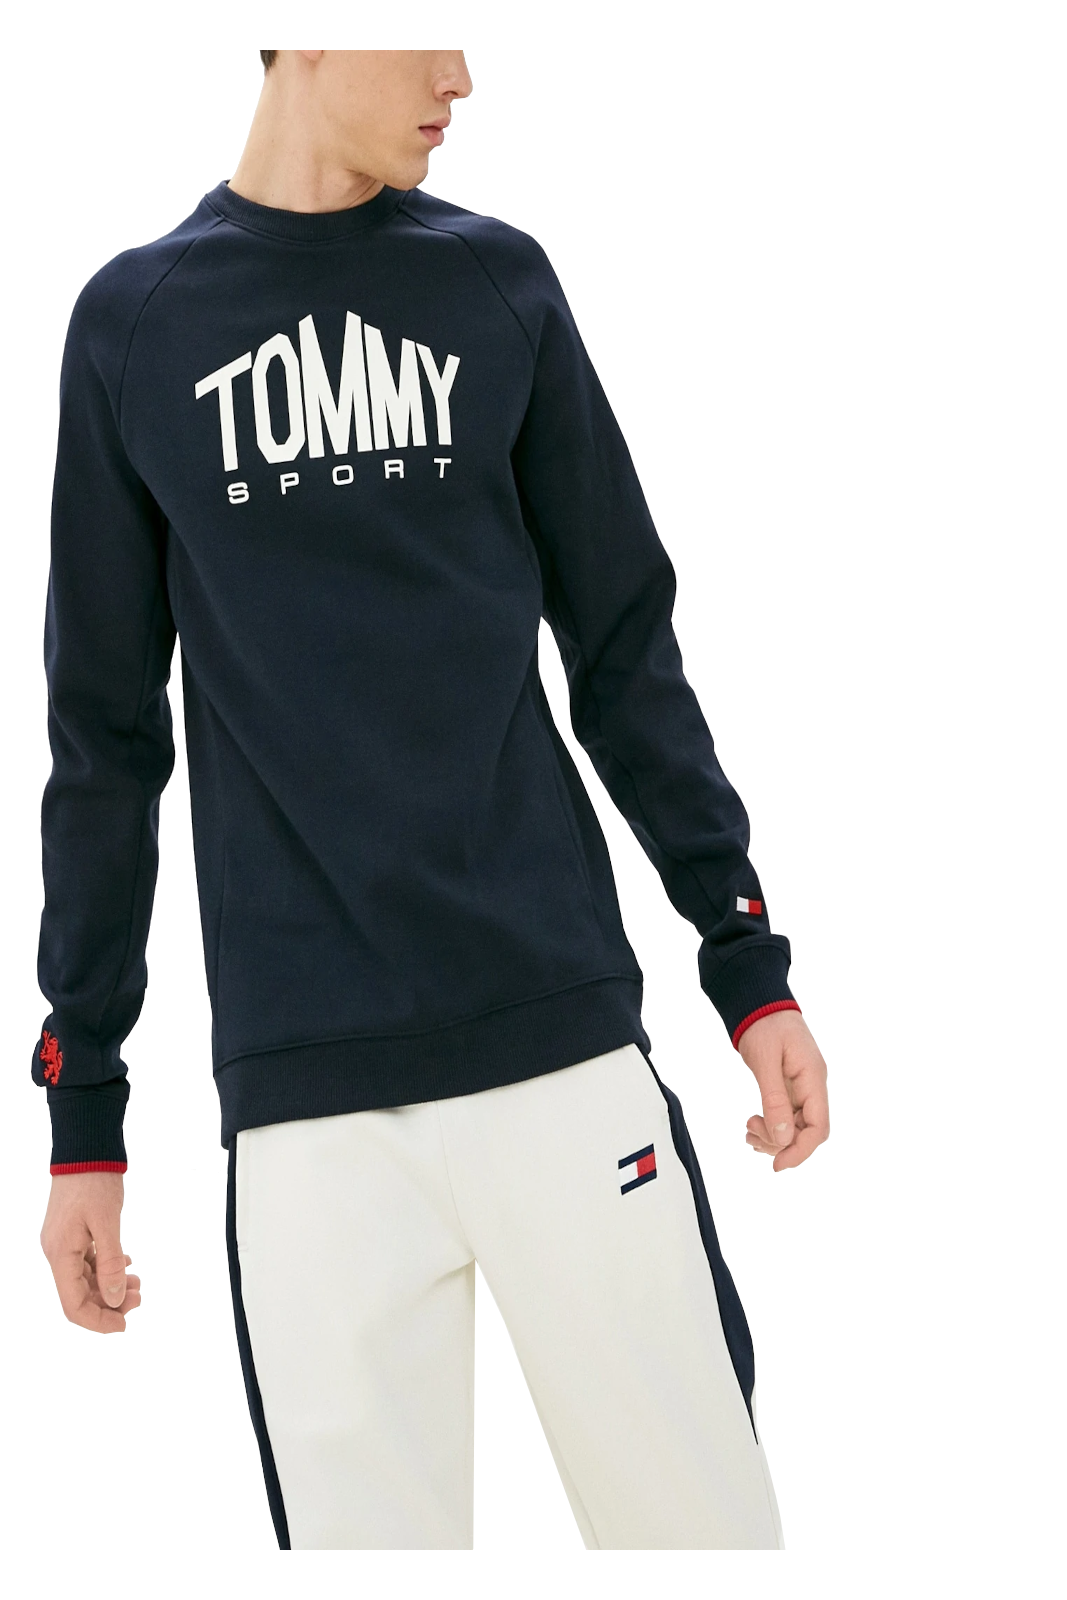 Un semplicità casual e iconica, contraddistingue questa felpa firmata Tommy Hilfiger. Una garanzia di stile, che punta tutto su comfort e versatilità. Perfetta per il tuo tempo libero, e la routine più informale.